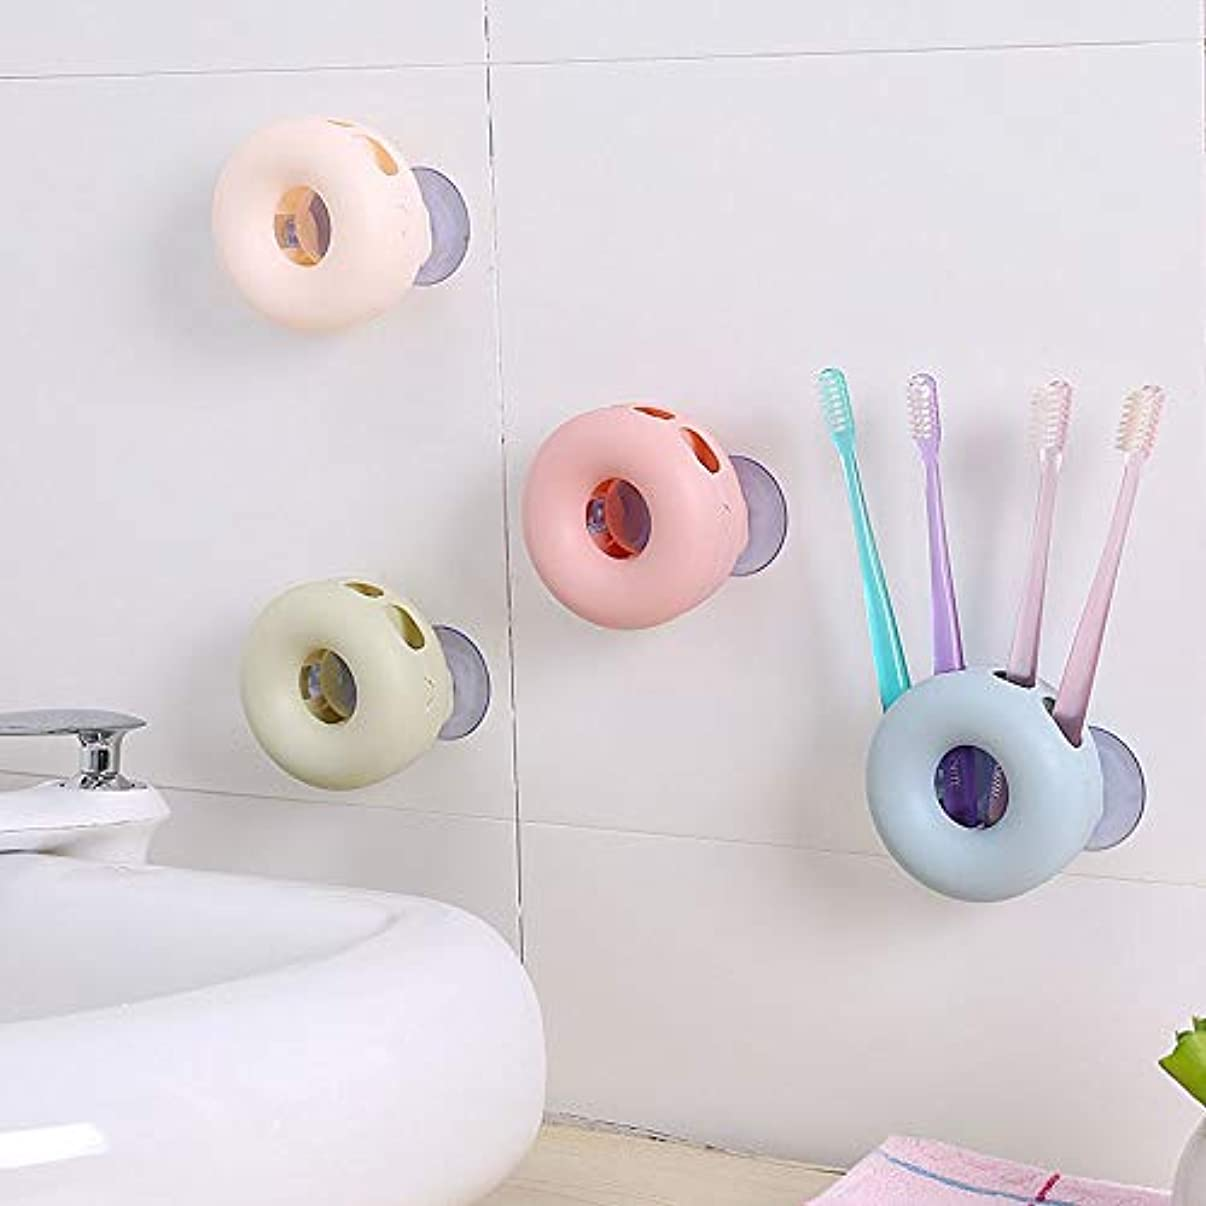 砂利偉業言語歯ブラシホルダー、 4個のランダムマルチカラーの壁は浴室ストレージ用の歯ブラシホルダーをマウント 浴室壁掛け歯ブラシキャディ (Color : Random, Size : 10x5cm)